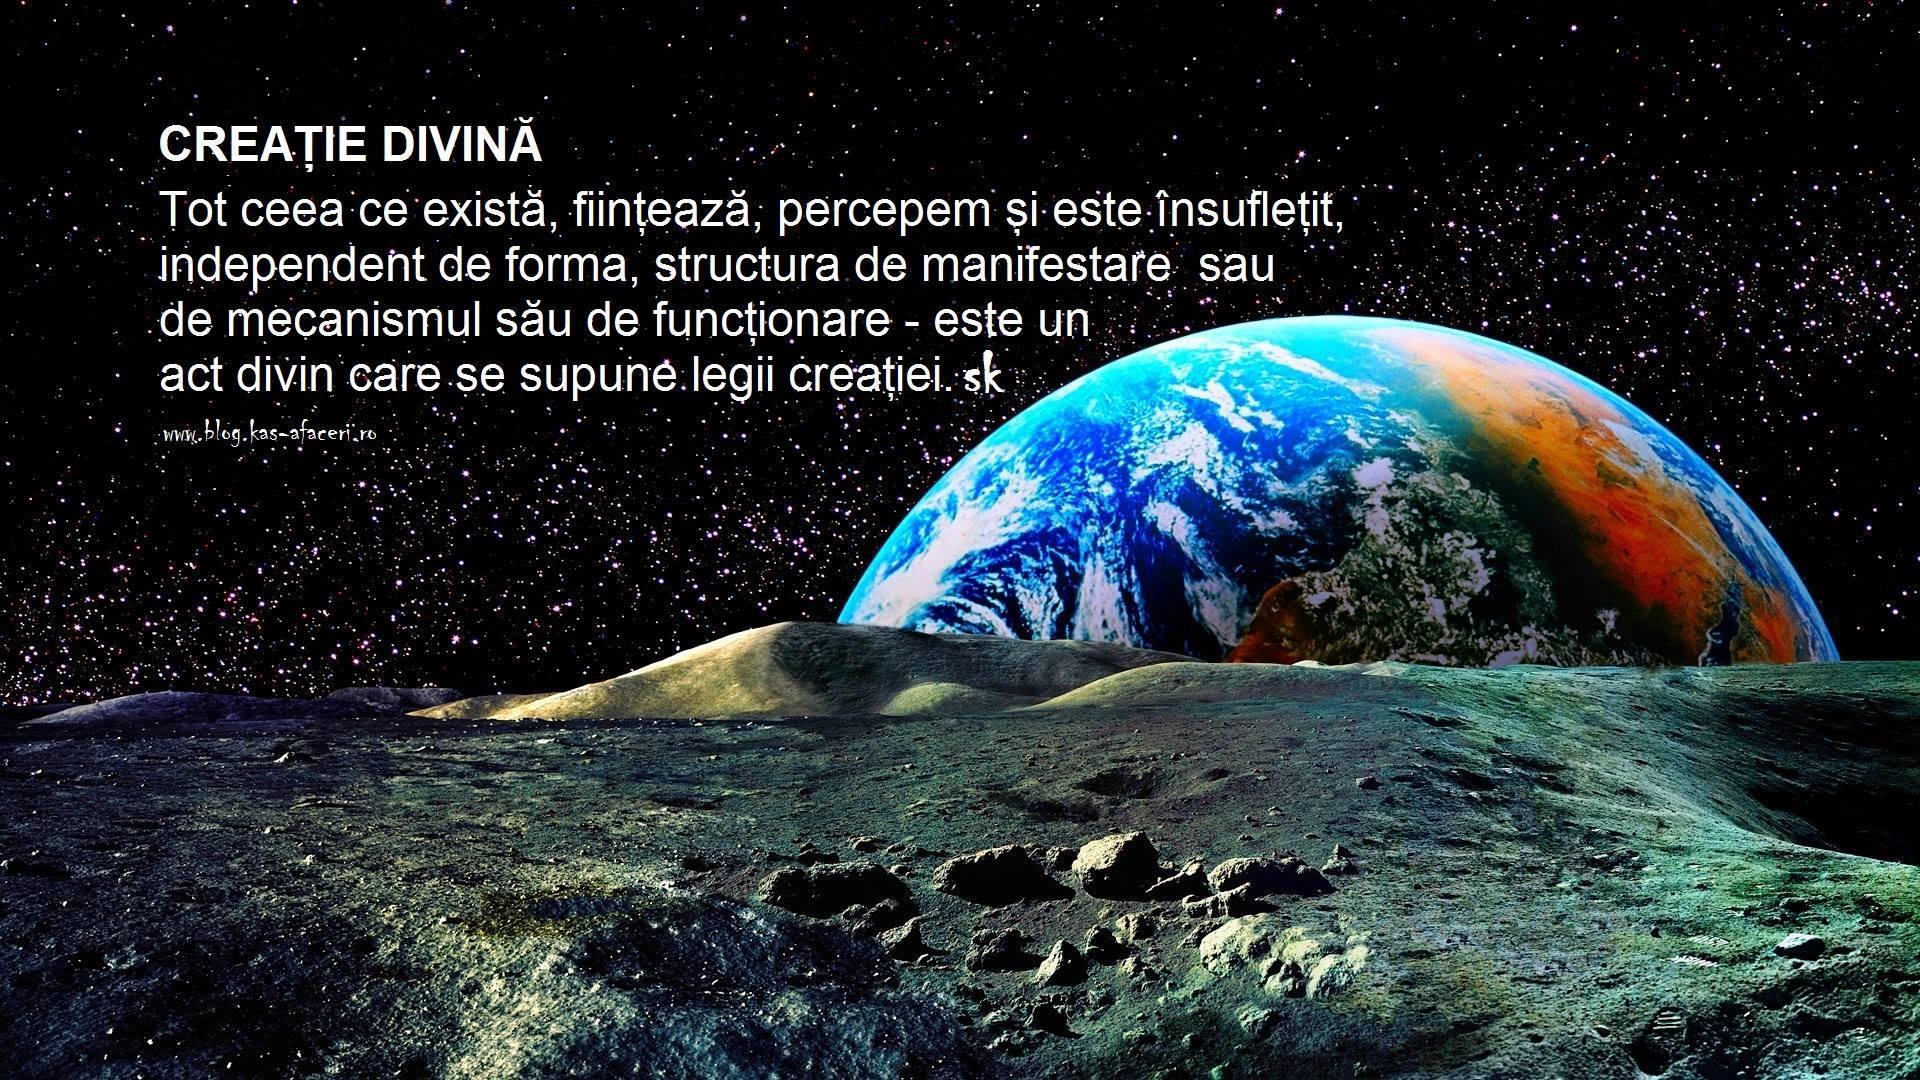 creatie divina